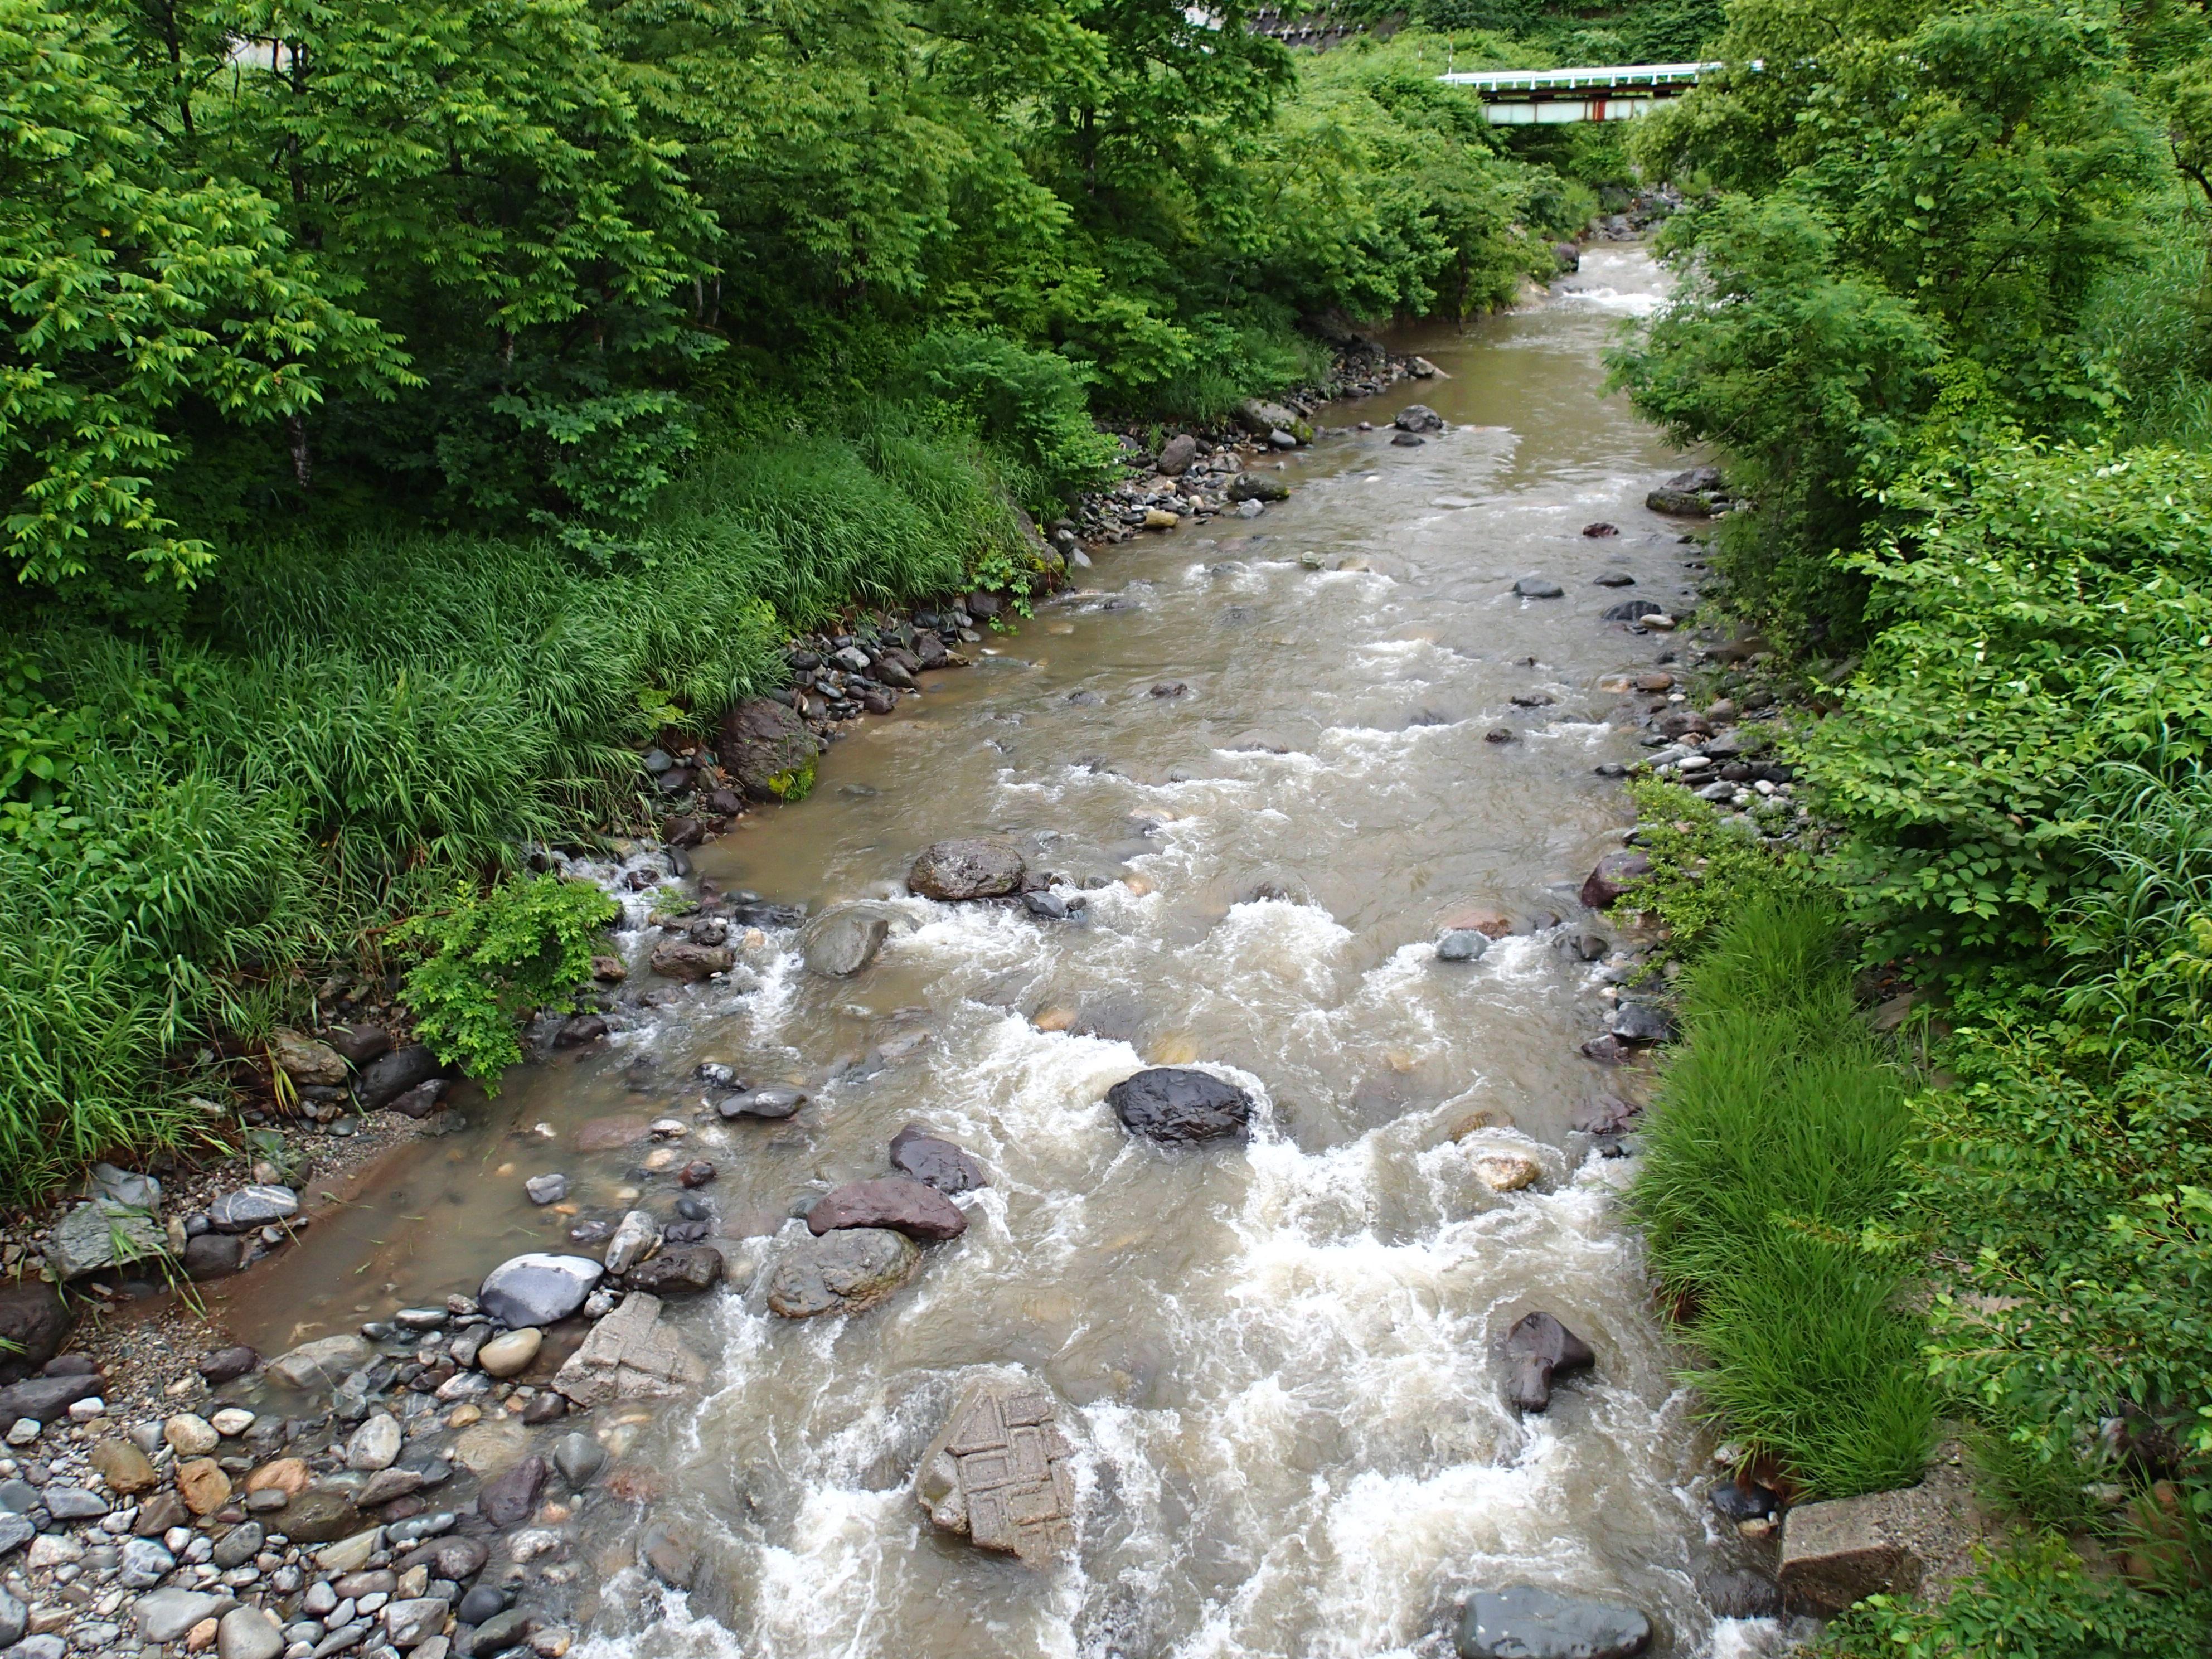 ダム上流域におけるアユ資源造成調査研究